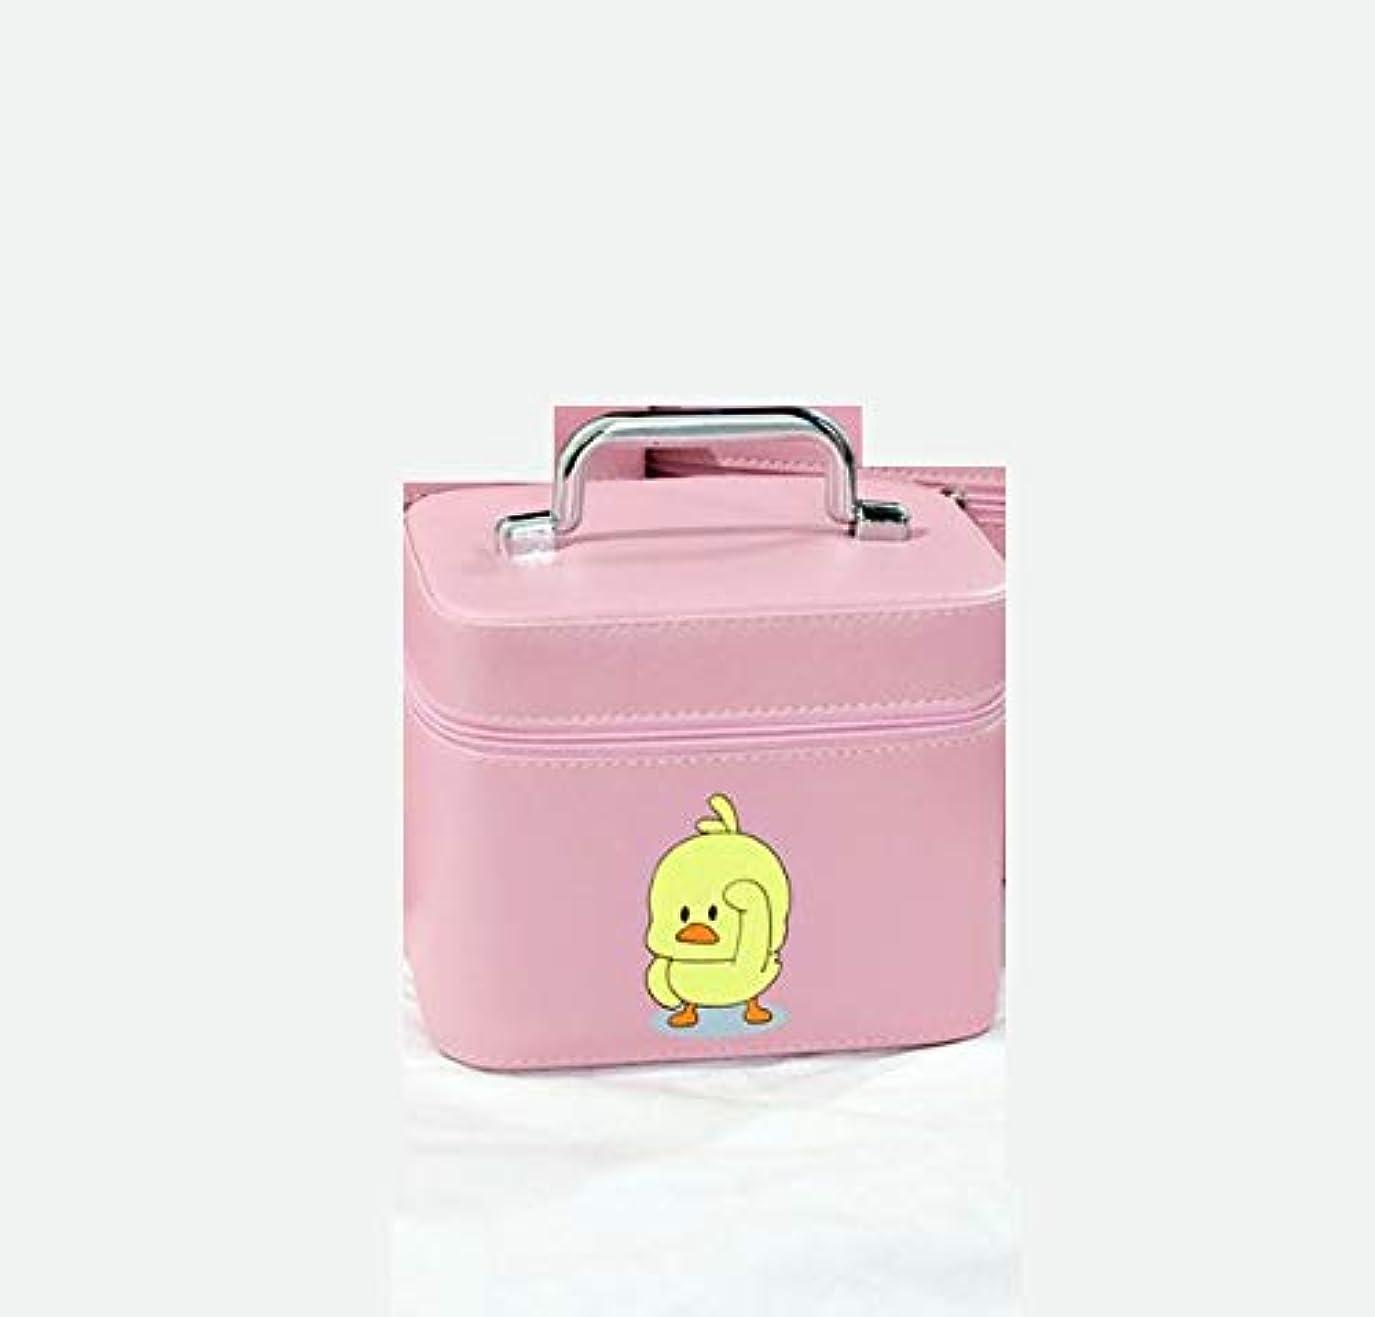 こだわり期待してサラミ化粧箱、大容量漫画アヒル化粧品ケース、ポータブル旅行化粧品ケース、美容ネイルジュエリー収納ボックス (Size : M)